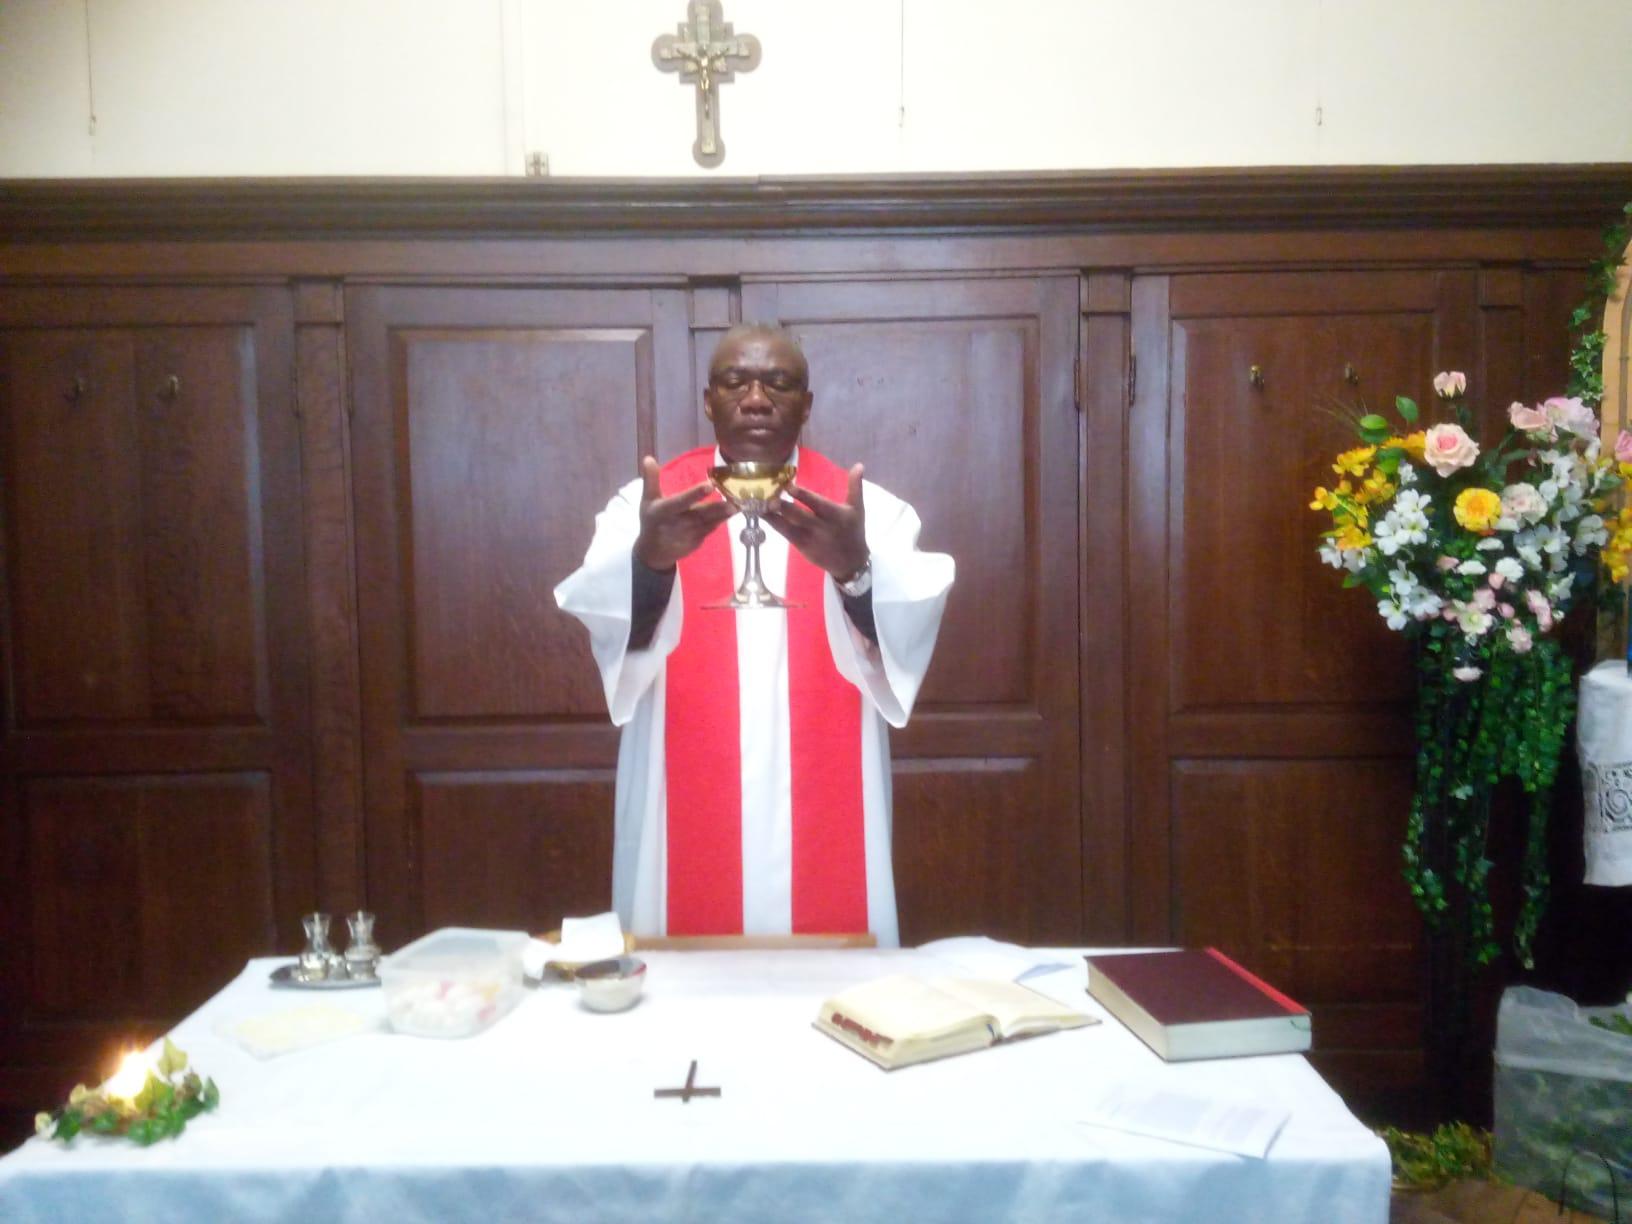 Photos de la célébration des Rameaux à Notre-Dame des Récollets. Eglise ouverte chaque jour de 9h à 19h pour un moment de recueillement.